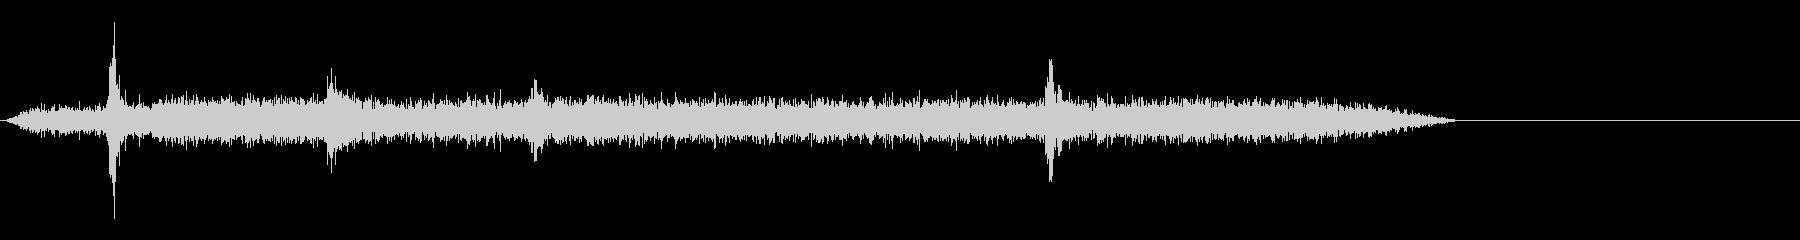 トラム-電車-モダン-片道の未再生の波形